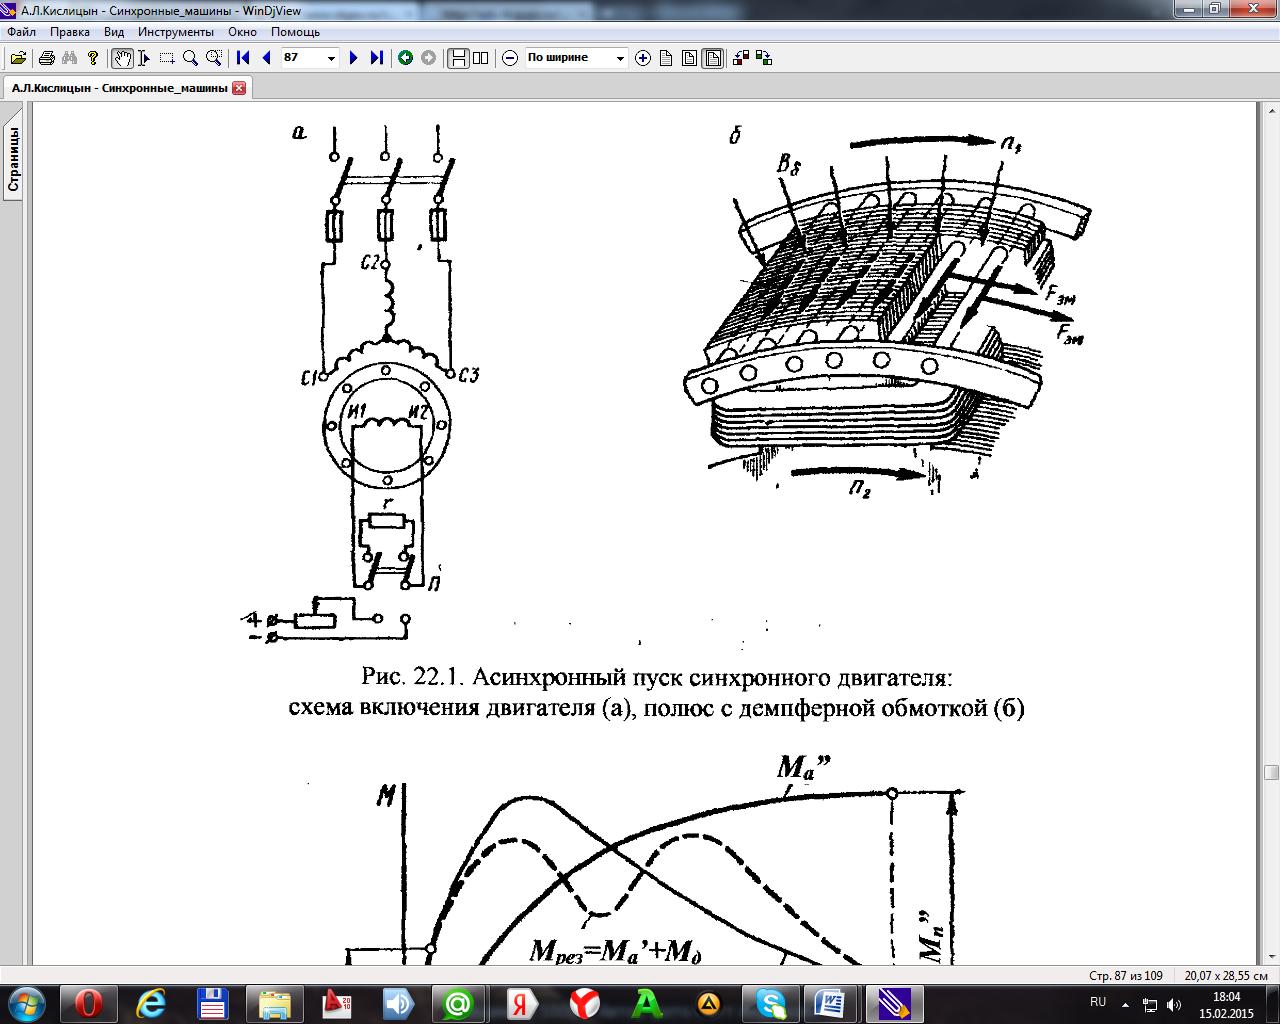 Схема динамического торможения асинхронного электродвигателя